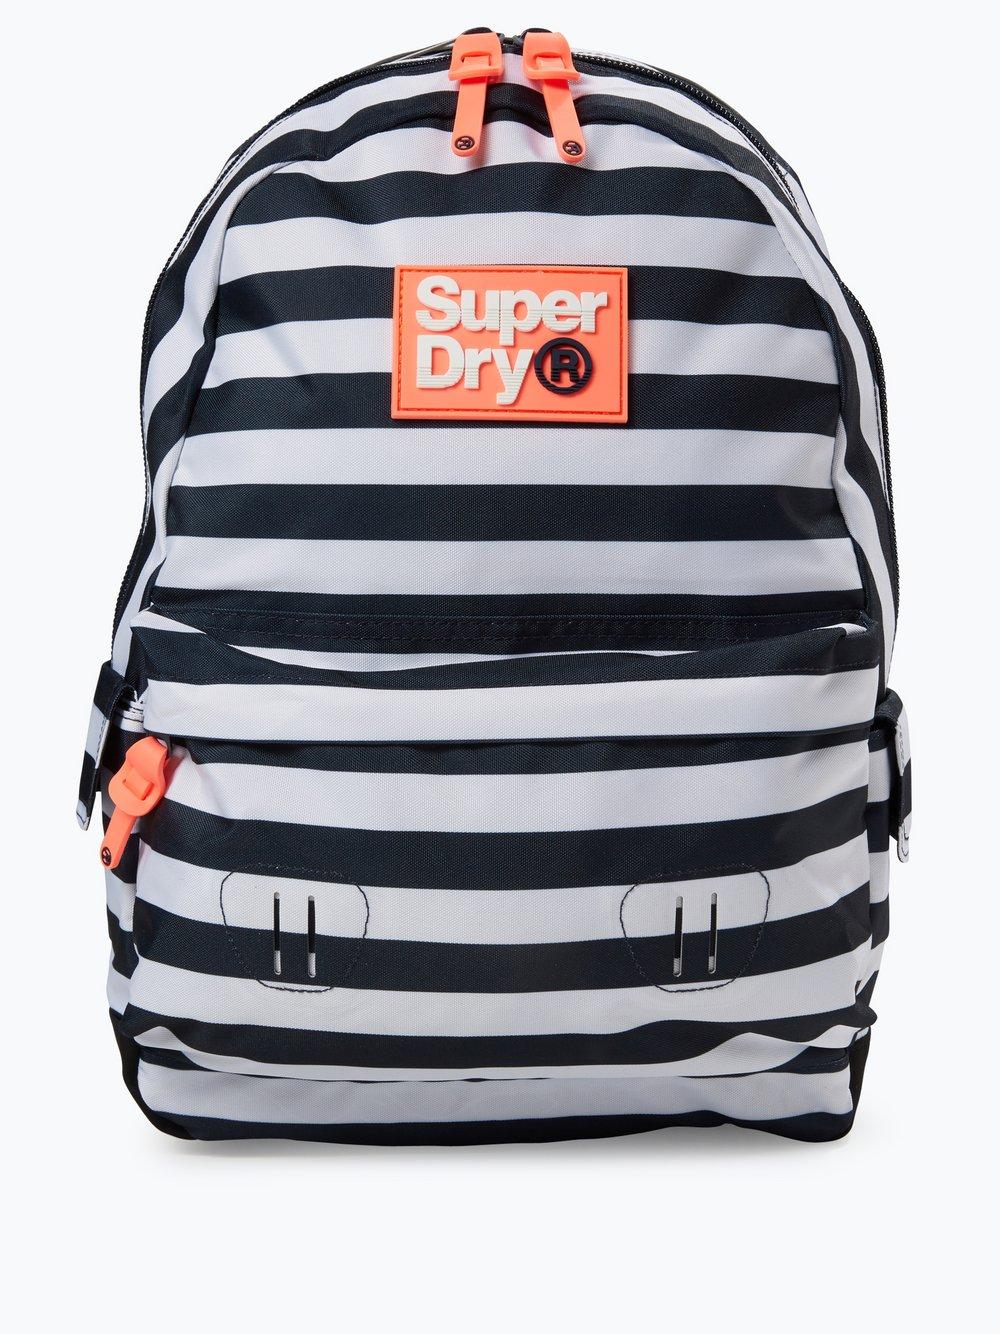 845834079442b Superdry Plecak damski kup online | VANGRAAF.COM